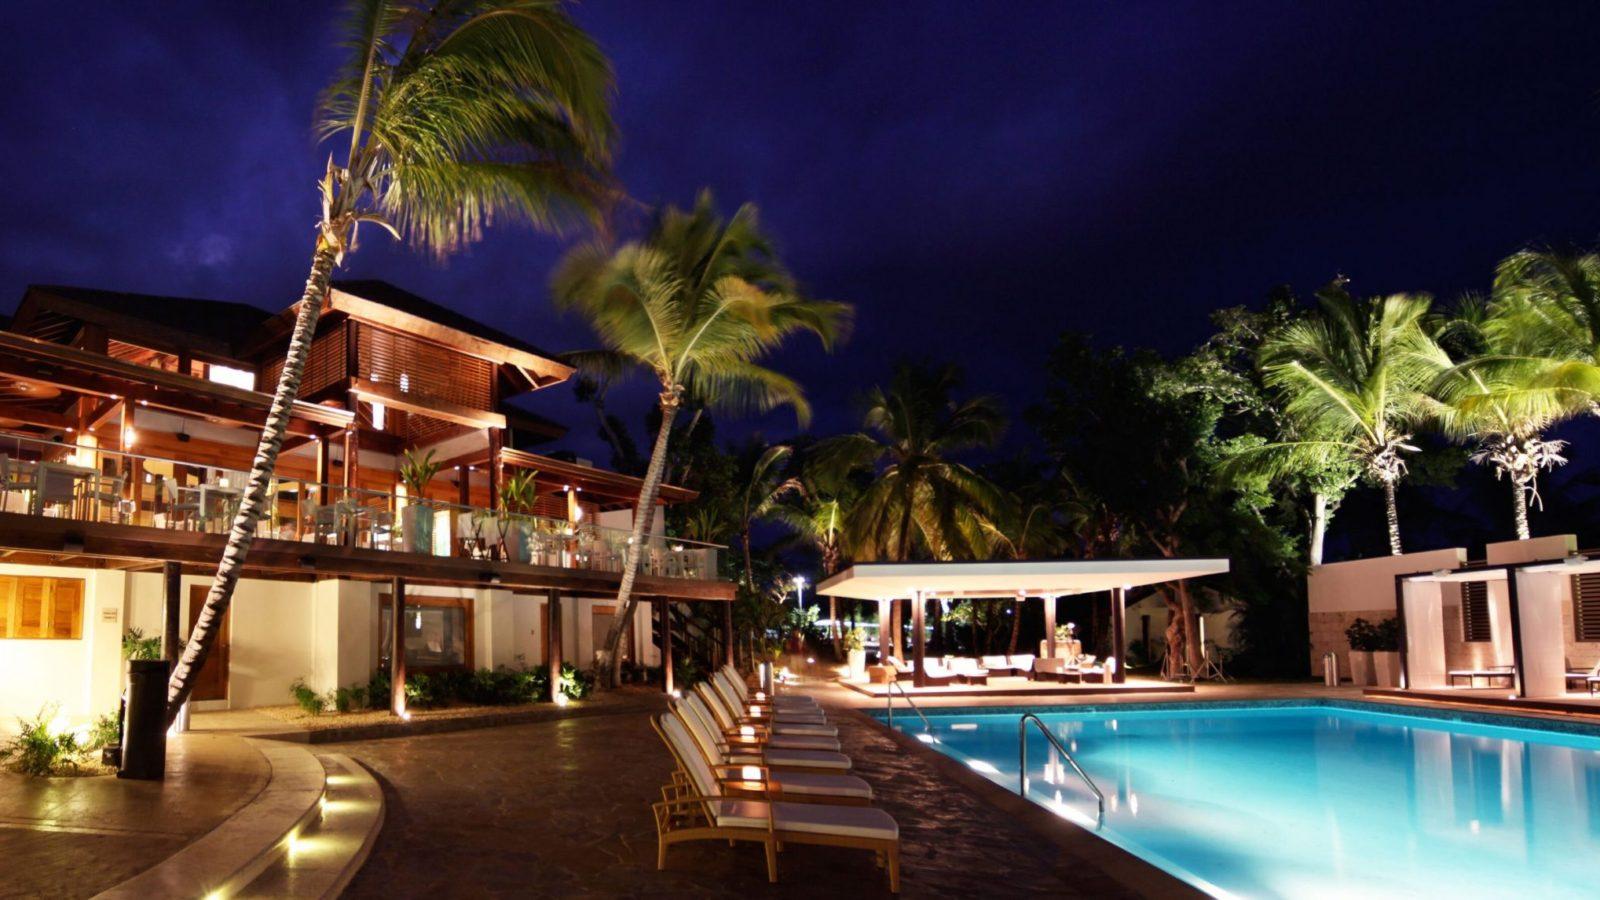 casa-de-campo-resort-golf-and-pool